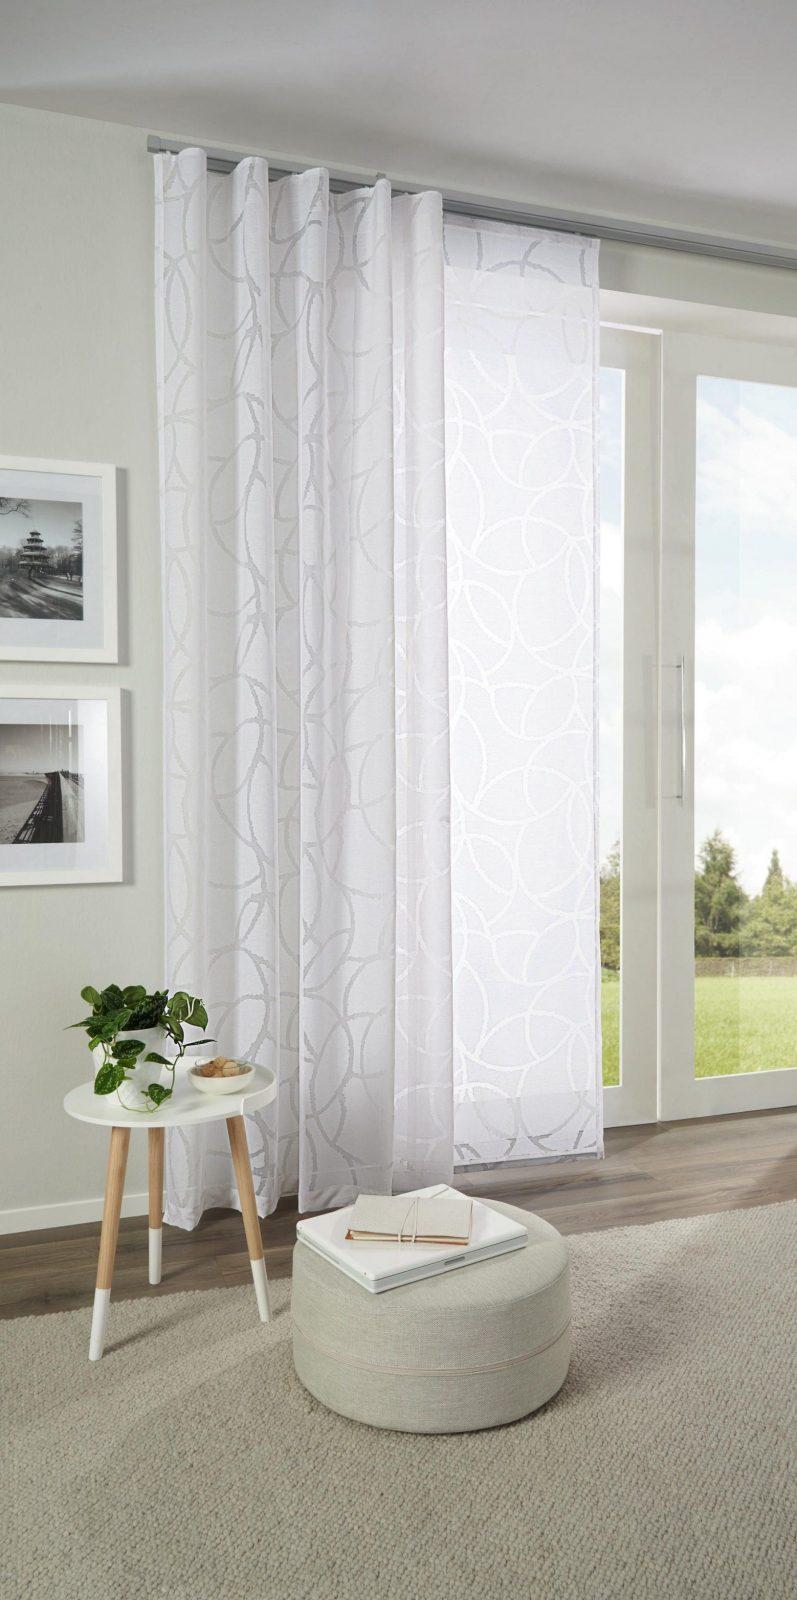 Hübscher Vorhang Mit Zartem Muster In Weiß Von Esposa  Vorhänge von Gardinen Muster Für Wohnzimmer Photo